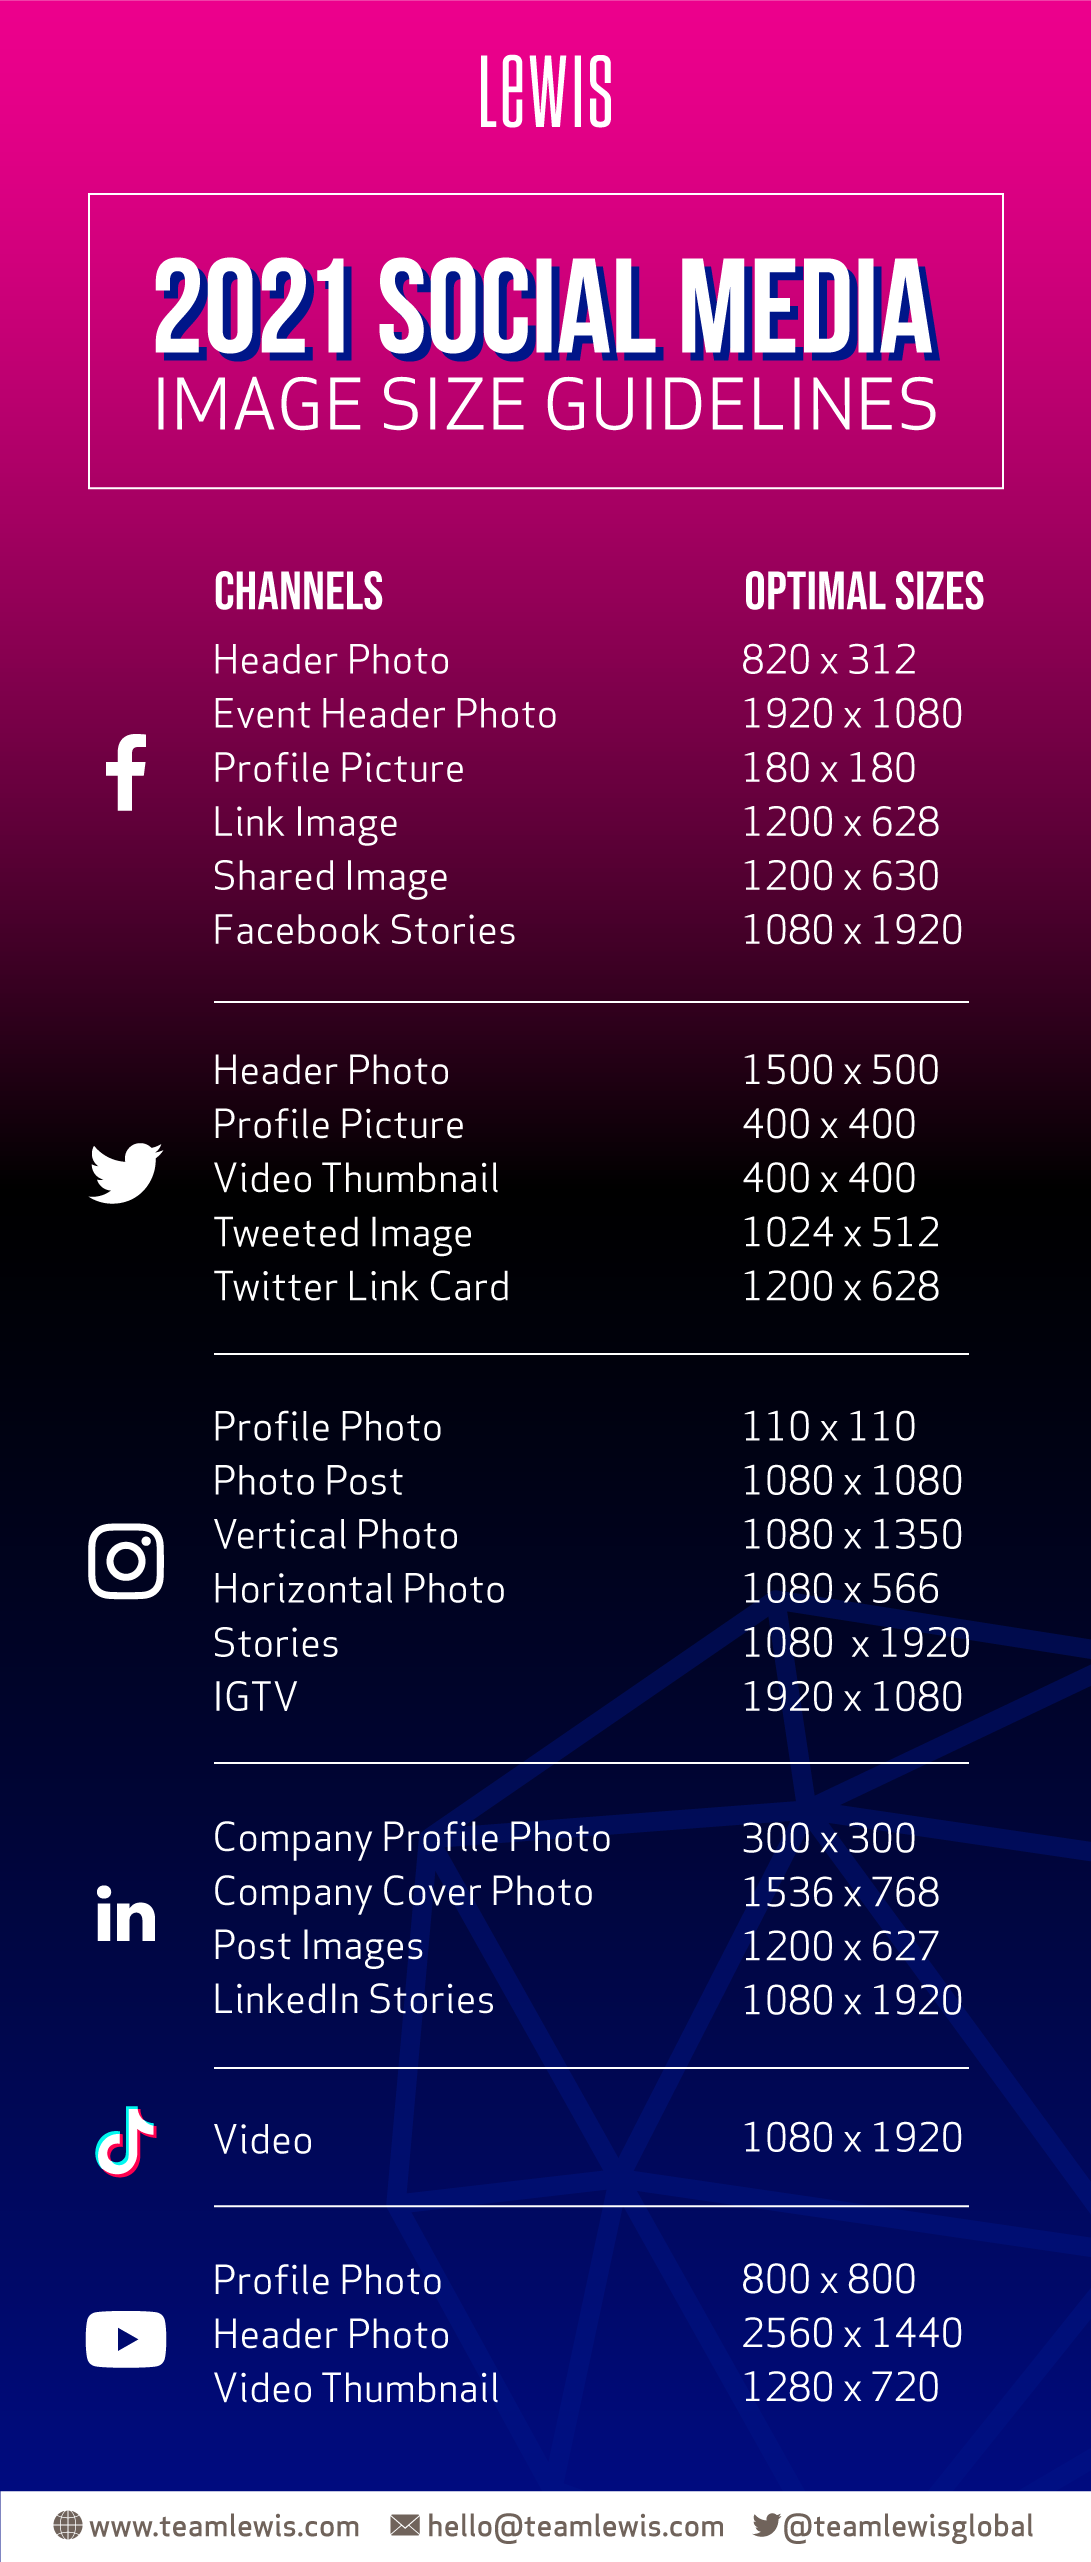 Dimensioni immagini social media 2021